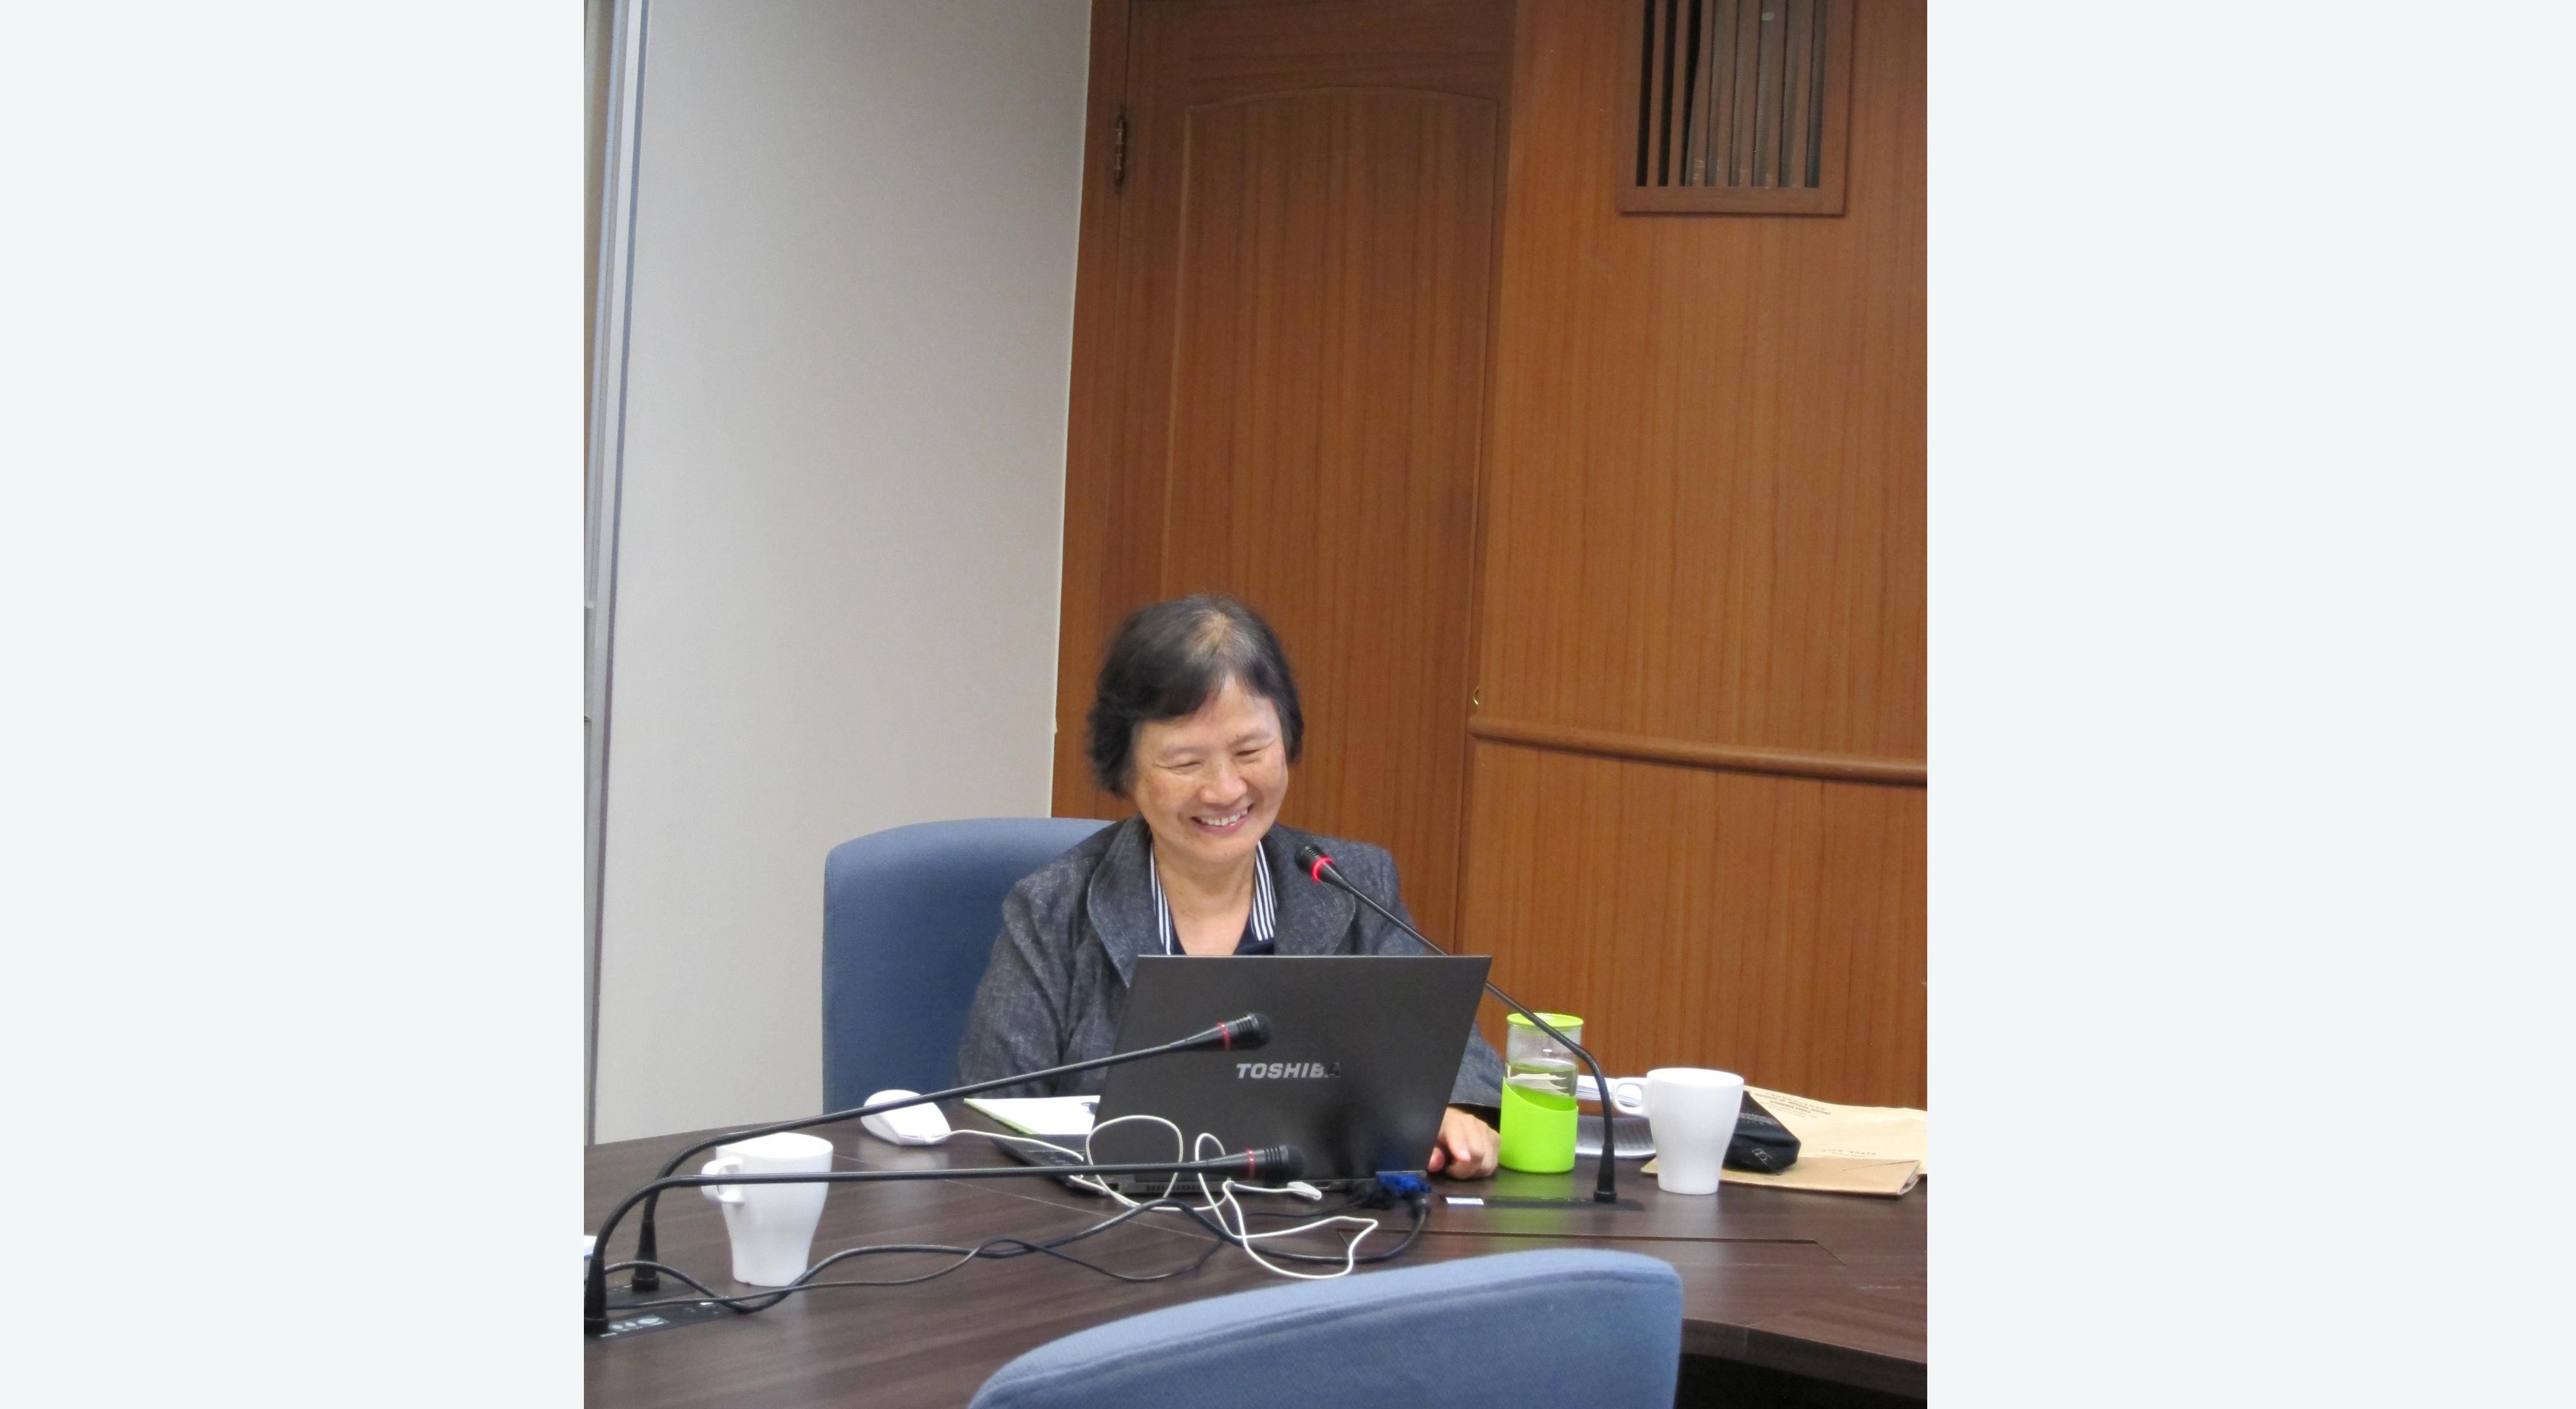 賴惠敏教授演講「和珅跌倒,嘉慶吃飽?論嘉慶朝內務府財政」紀要